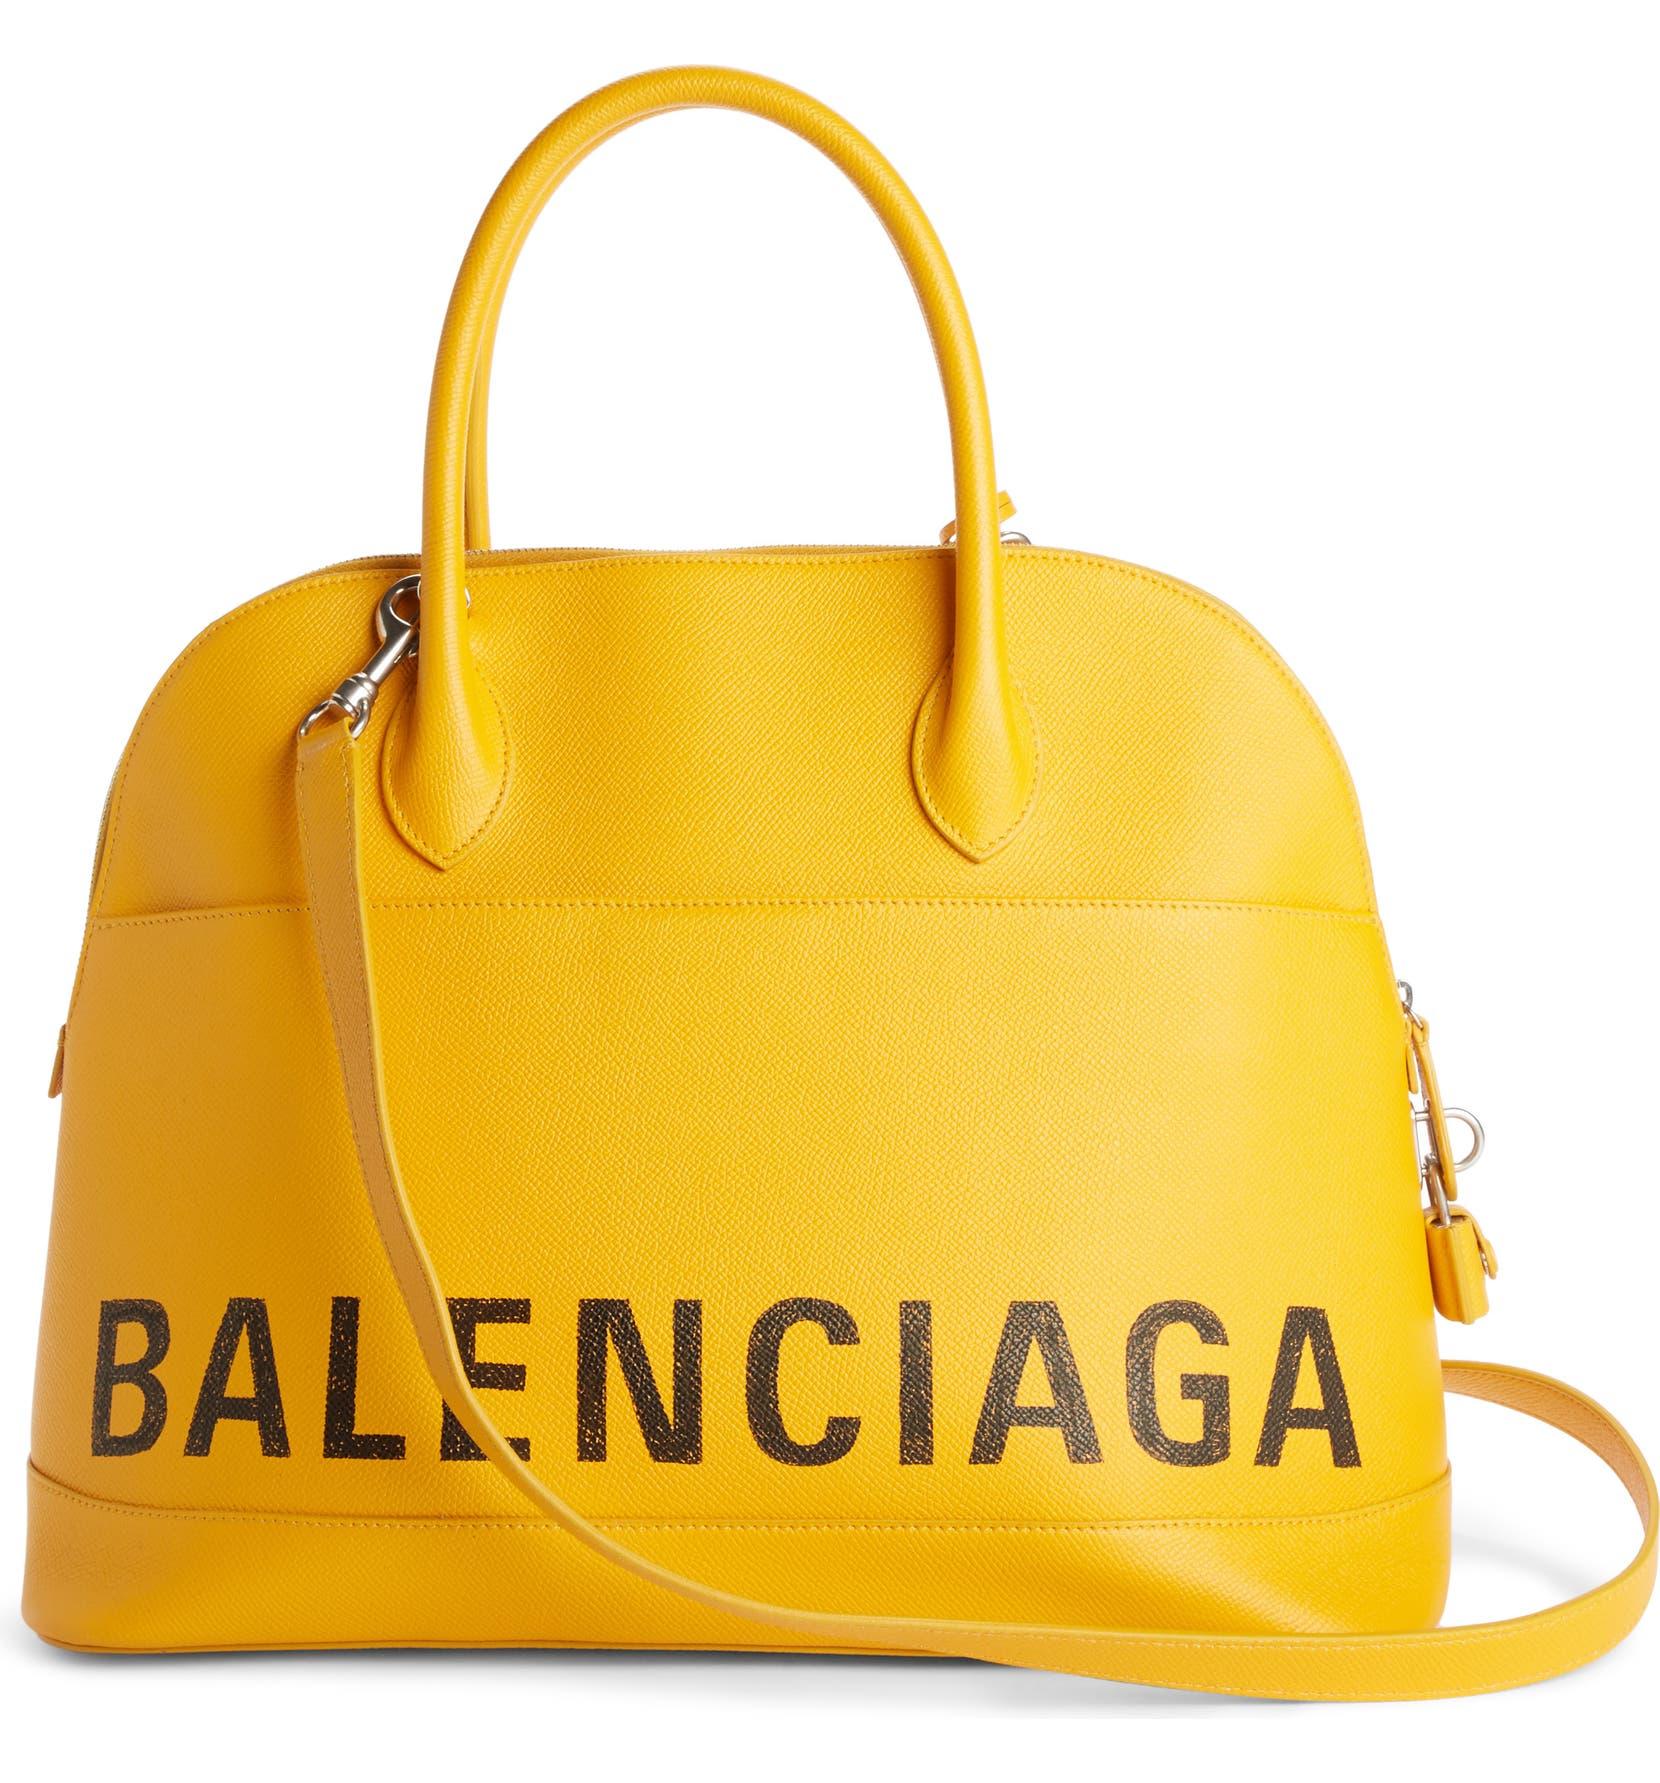 d5c12b69233b Balenciaga Medium Logo Leather Satchel with Water-Repellent Coat ...